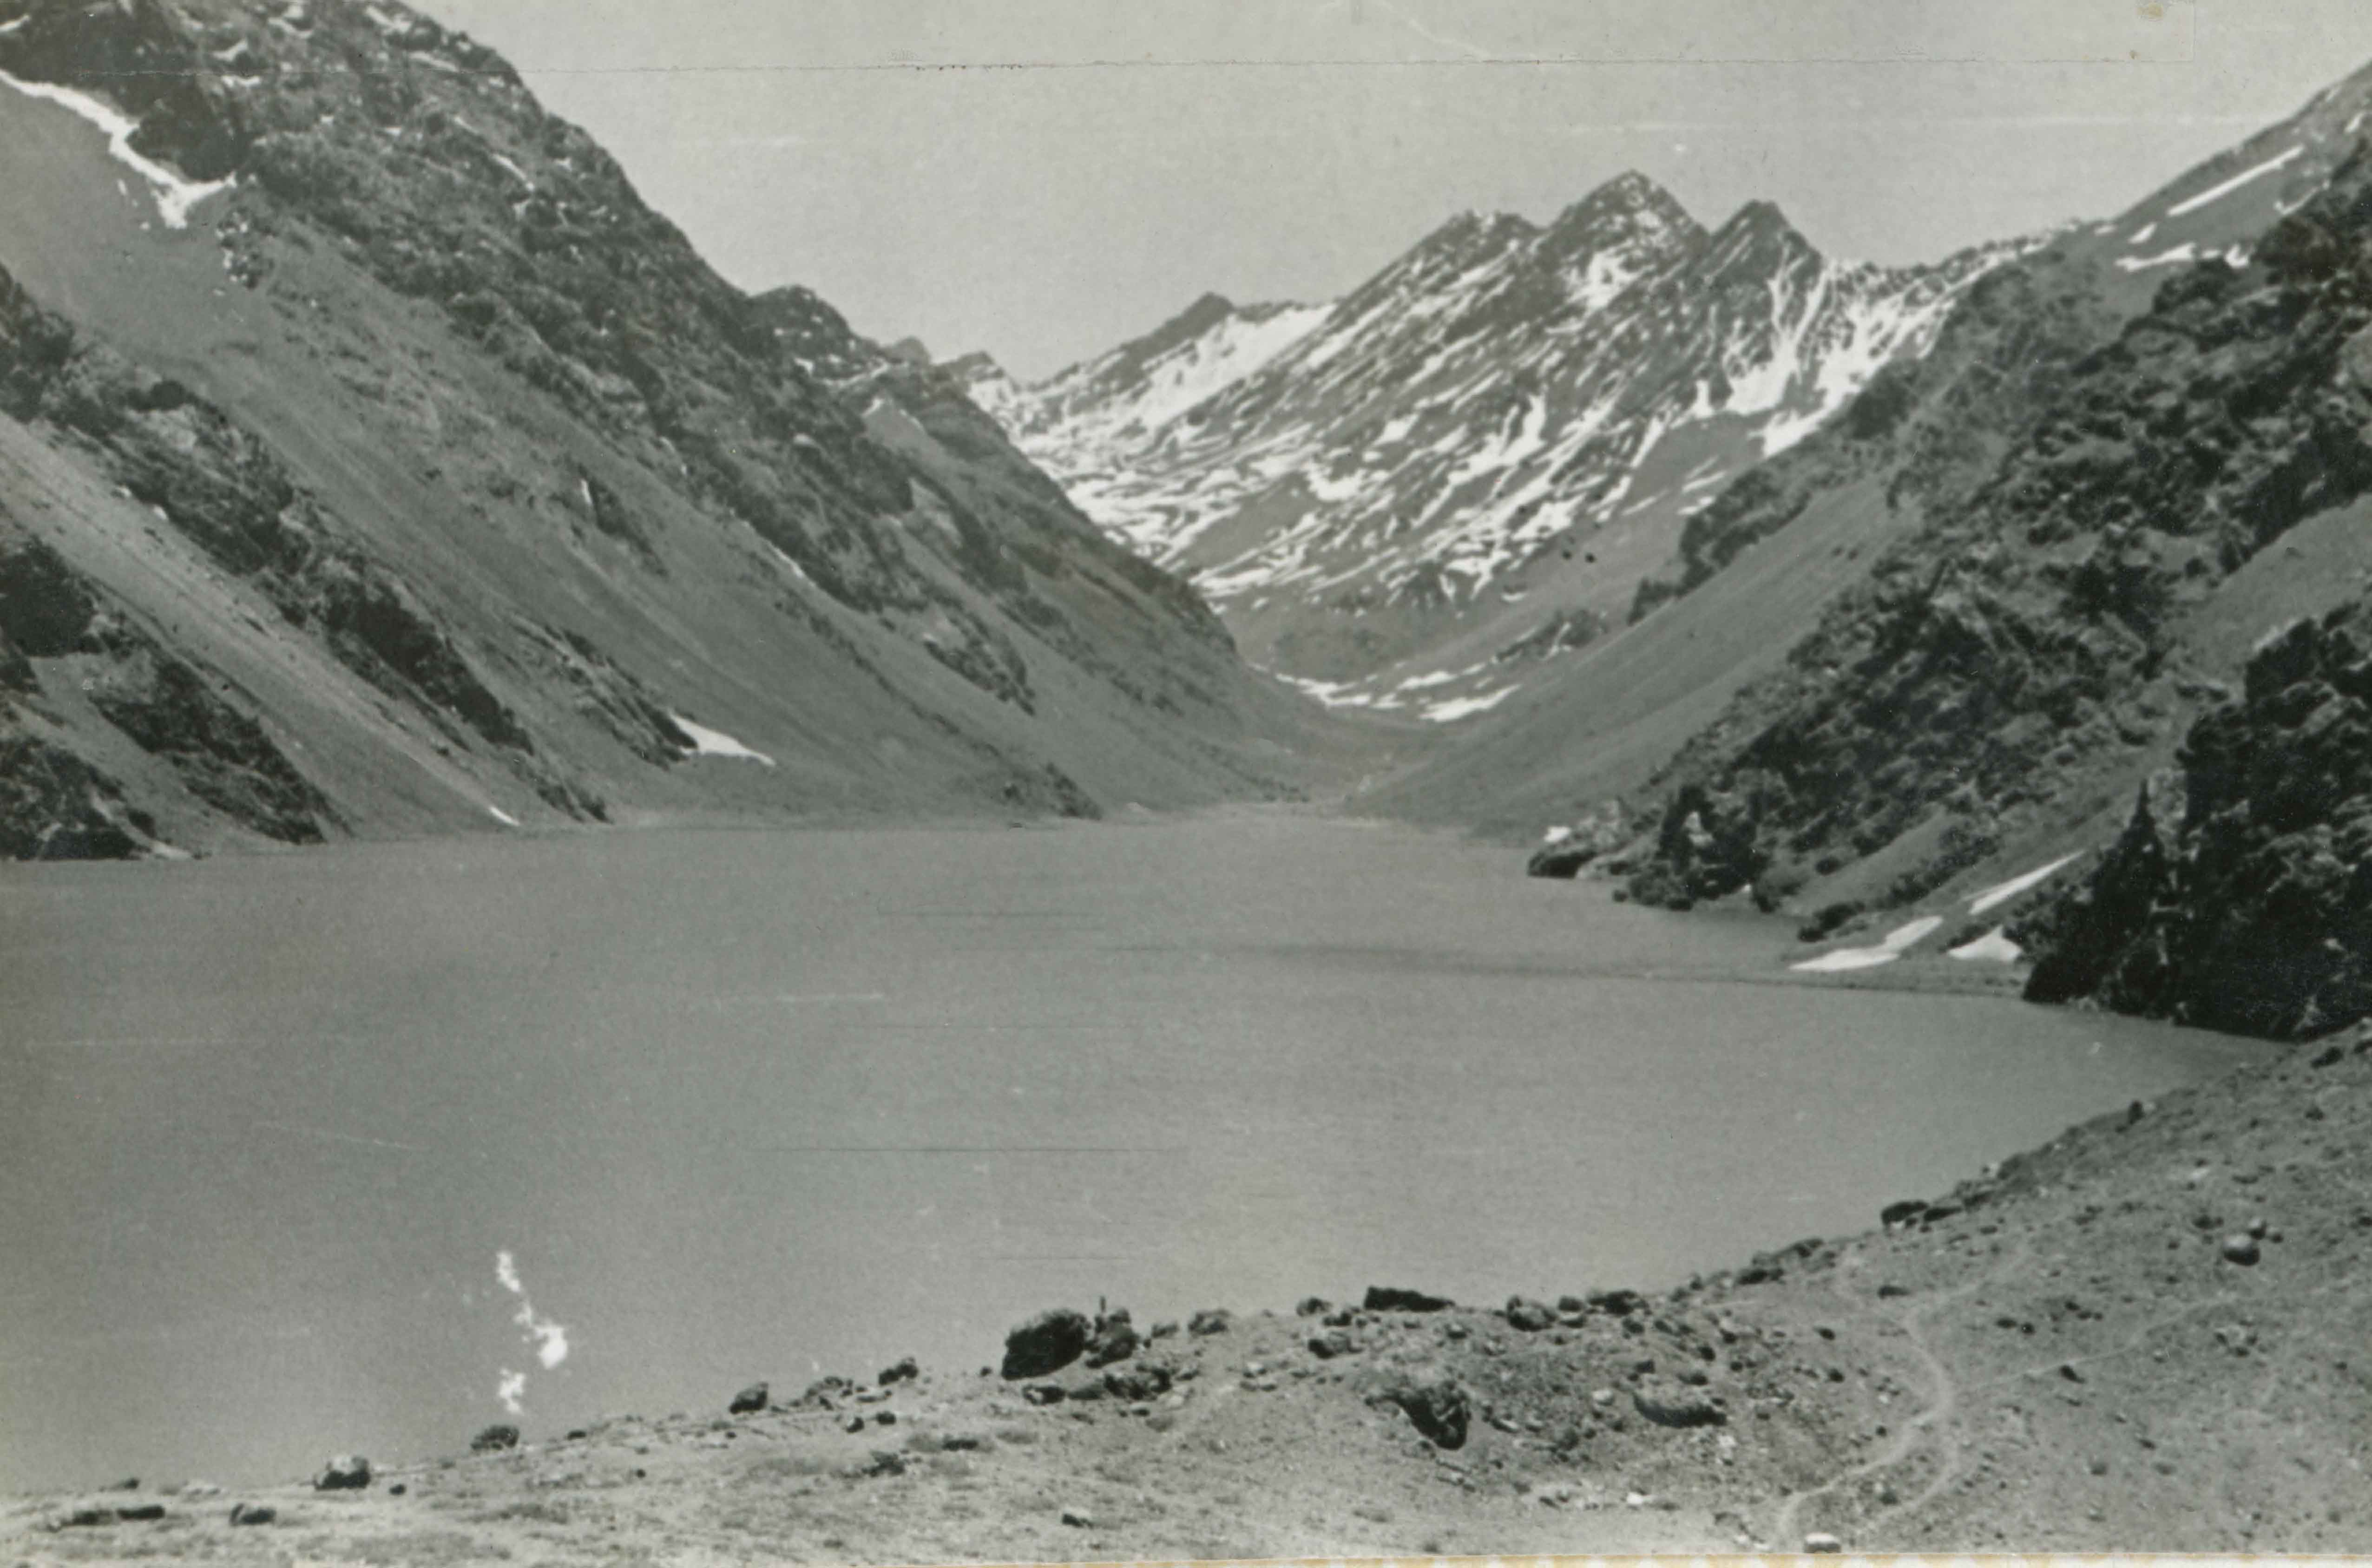 Enterreno - Fotos históricas de chile - fotos antiguas de Chile - Laguna del Inca en 1945